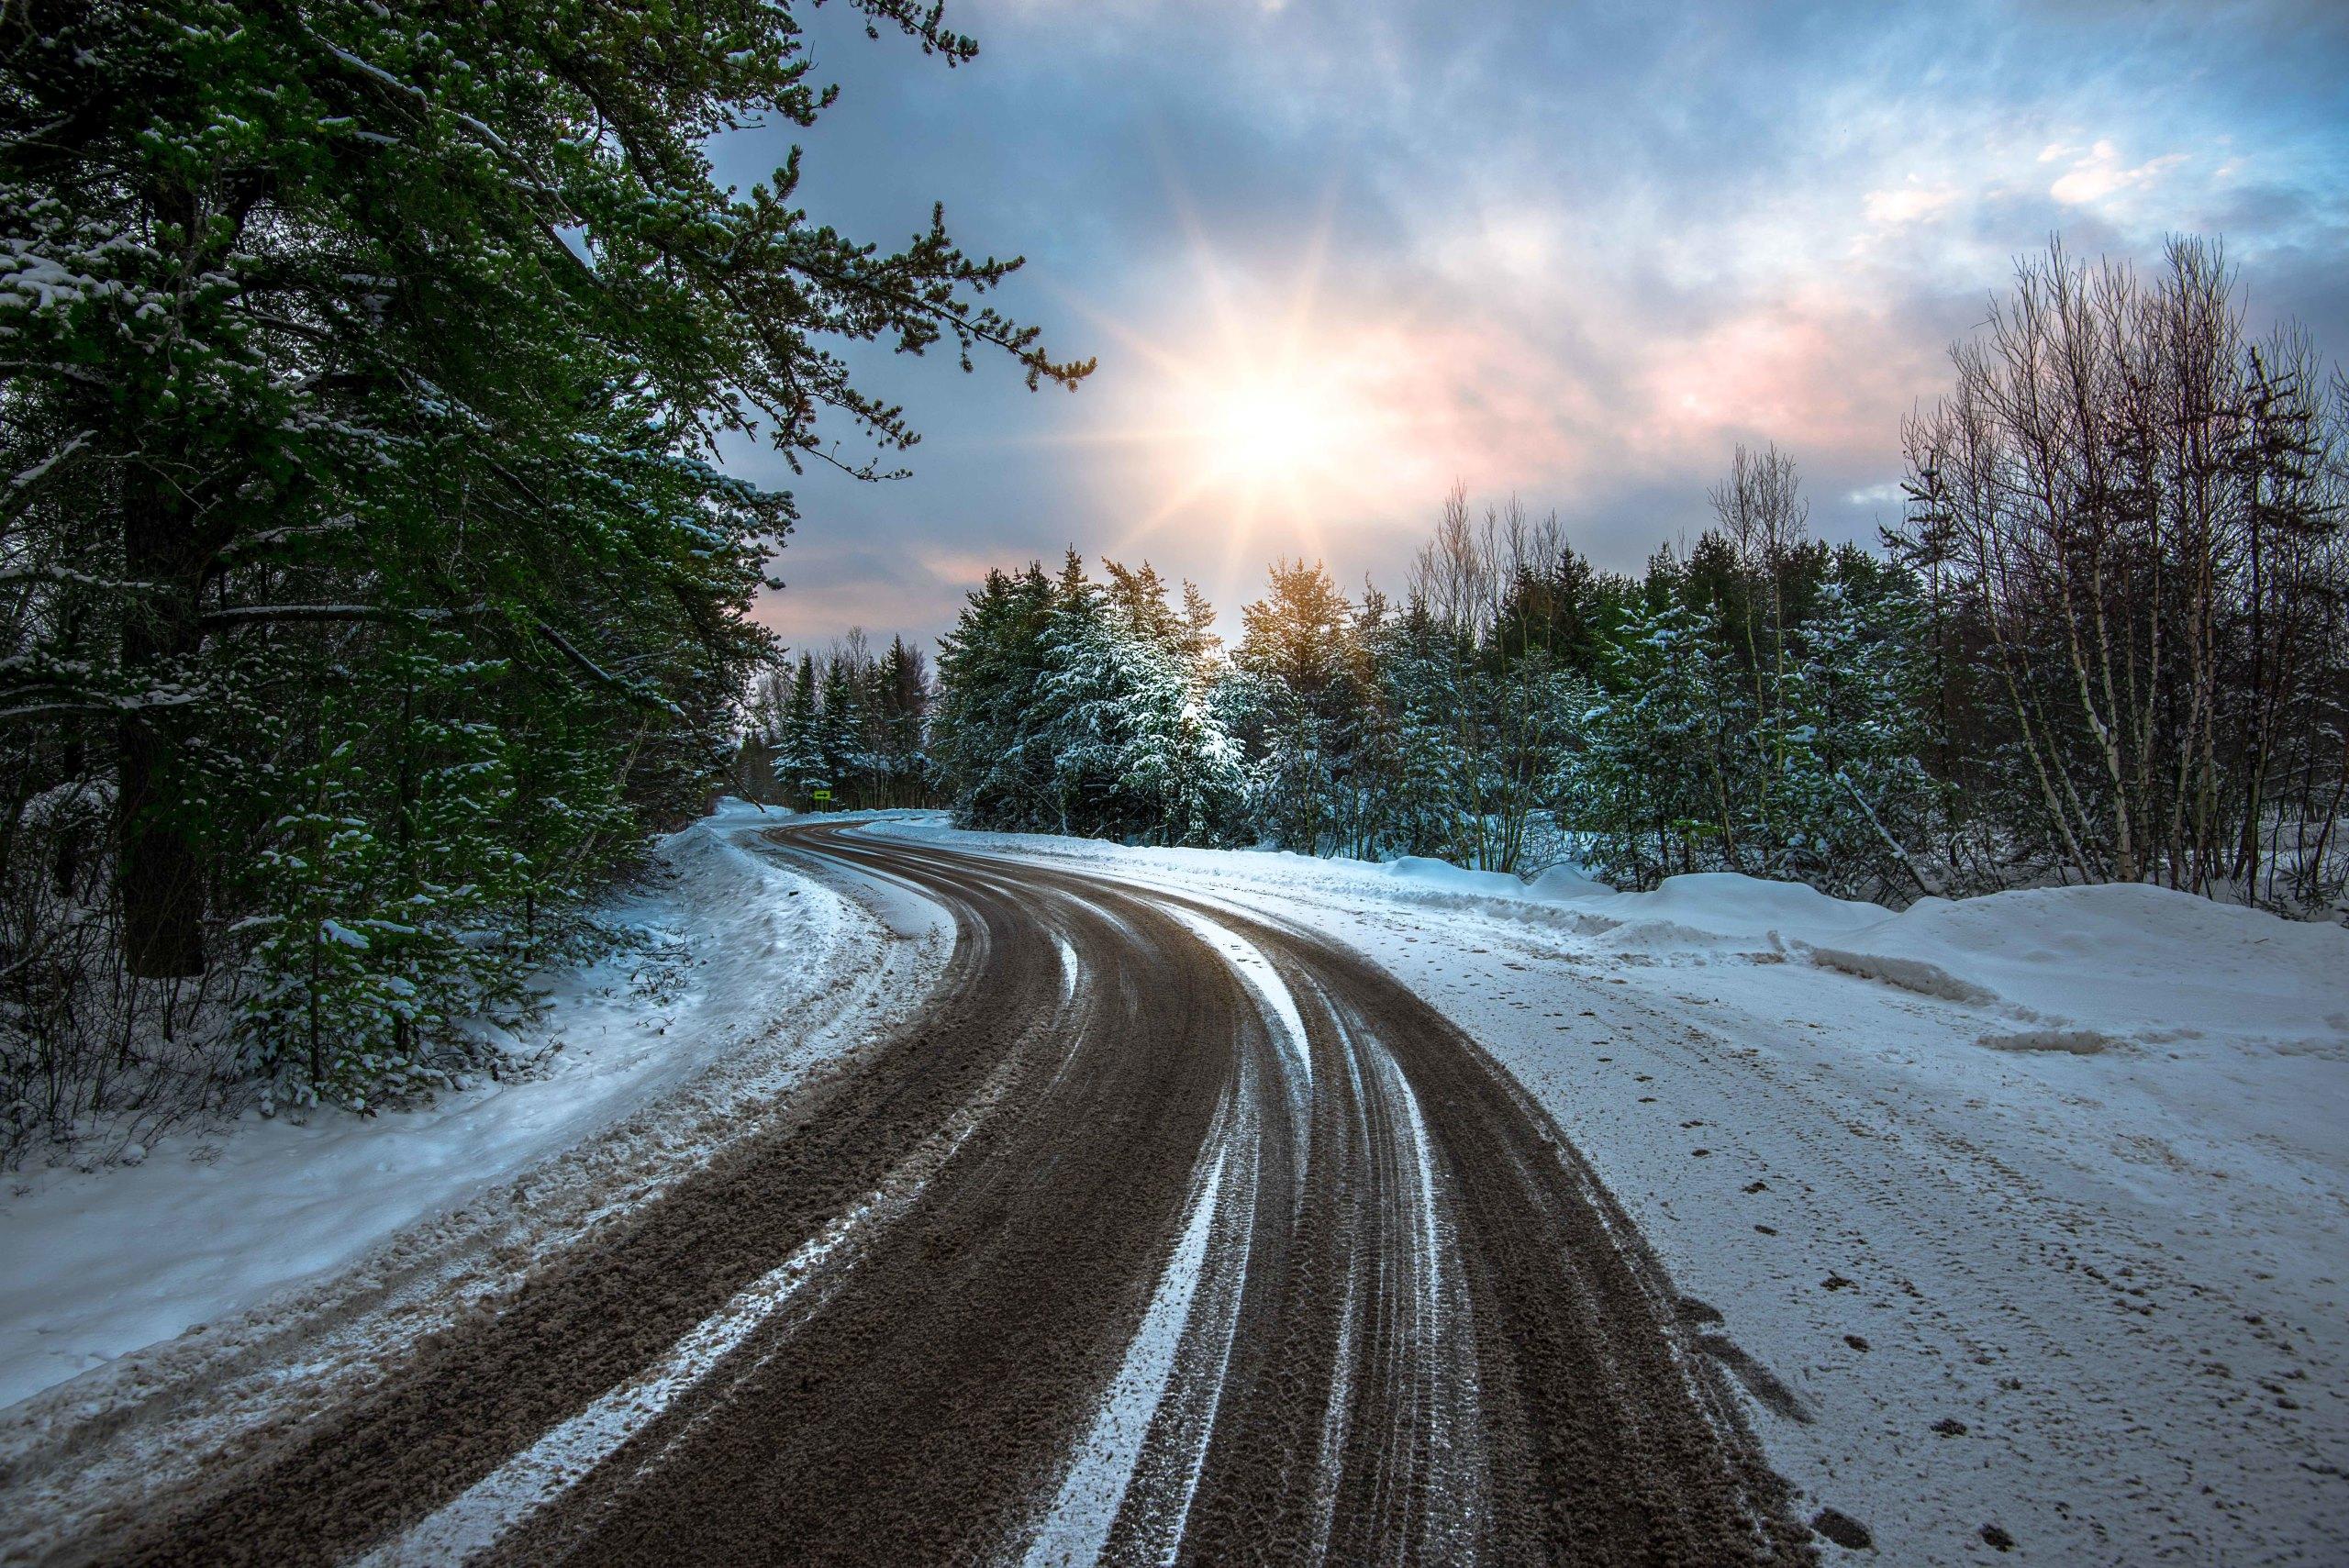 ответ, иккинг заснеженная дорога красивые фото продаже